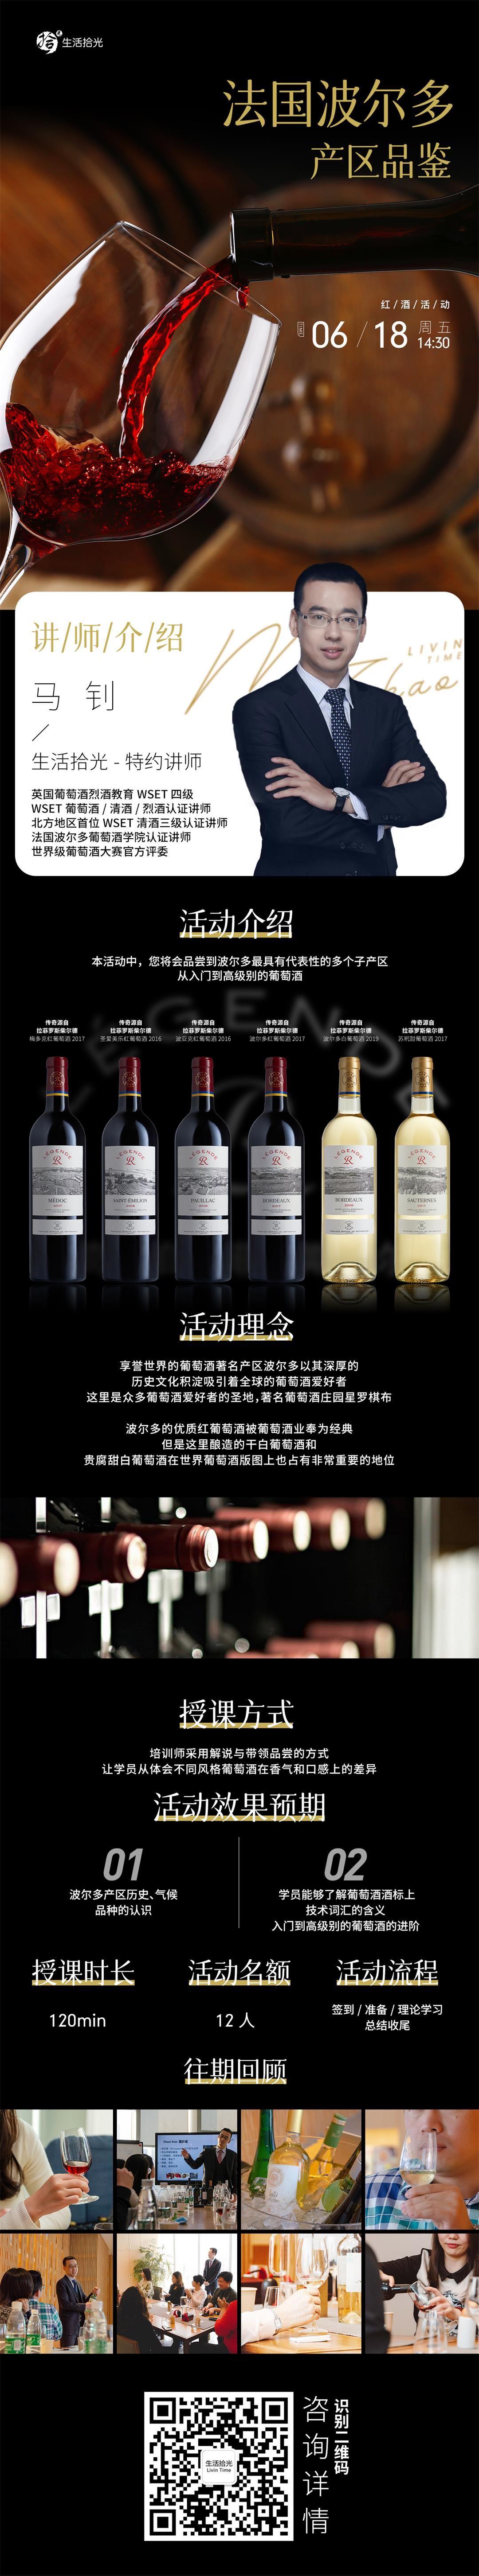 6.18红酒.jpg